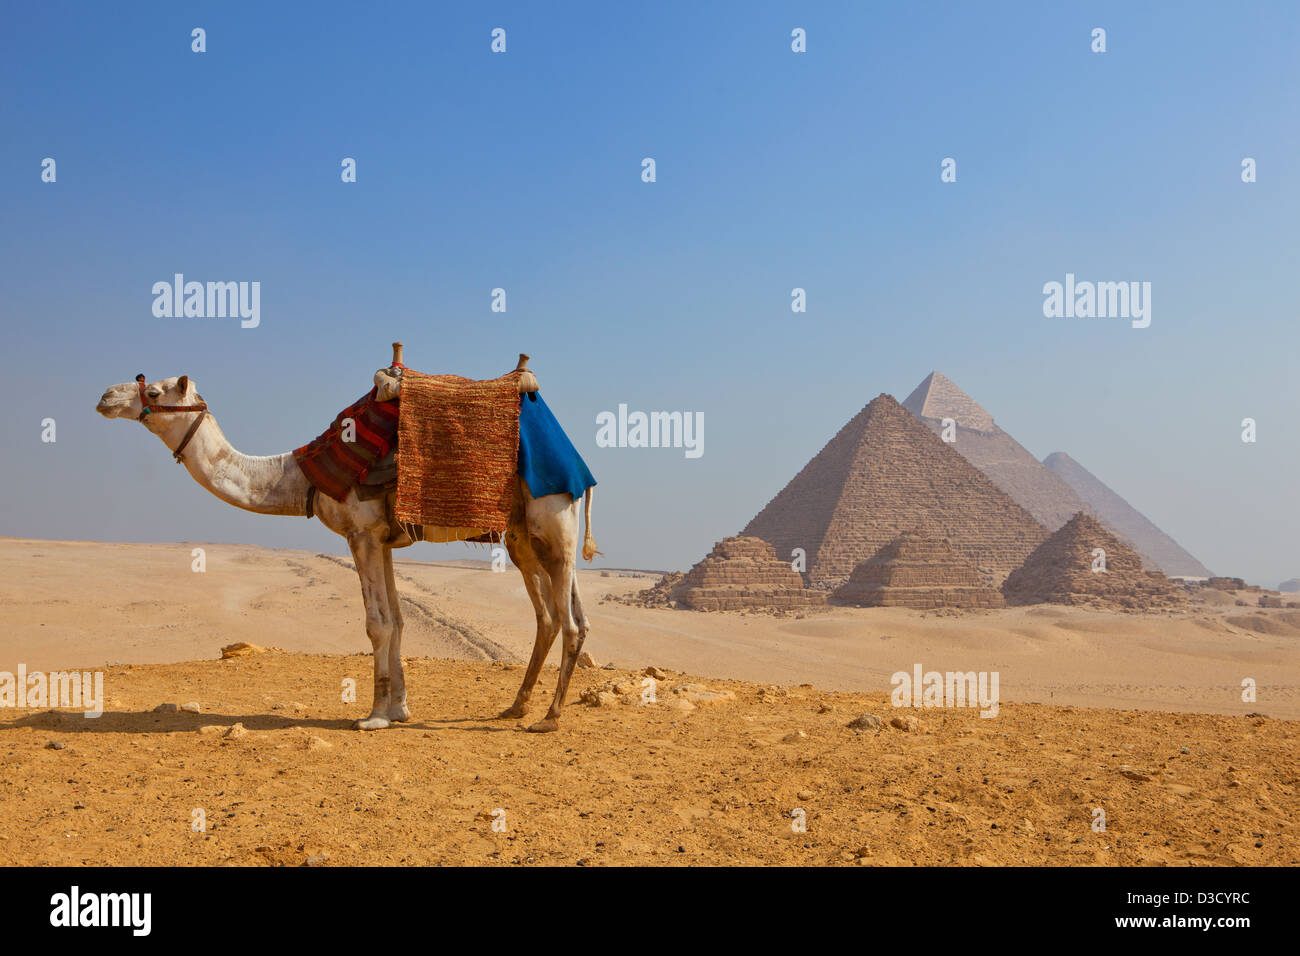 Le Piramidi di Giza a Il Cairo, Egitto Immagini Stock